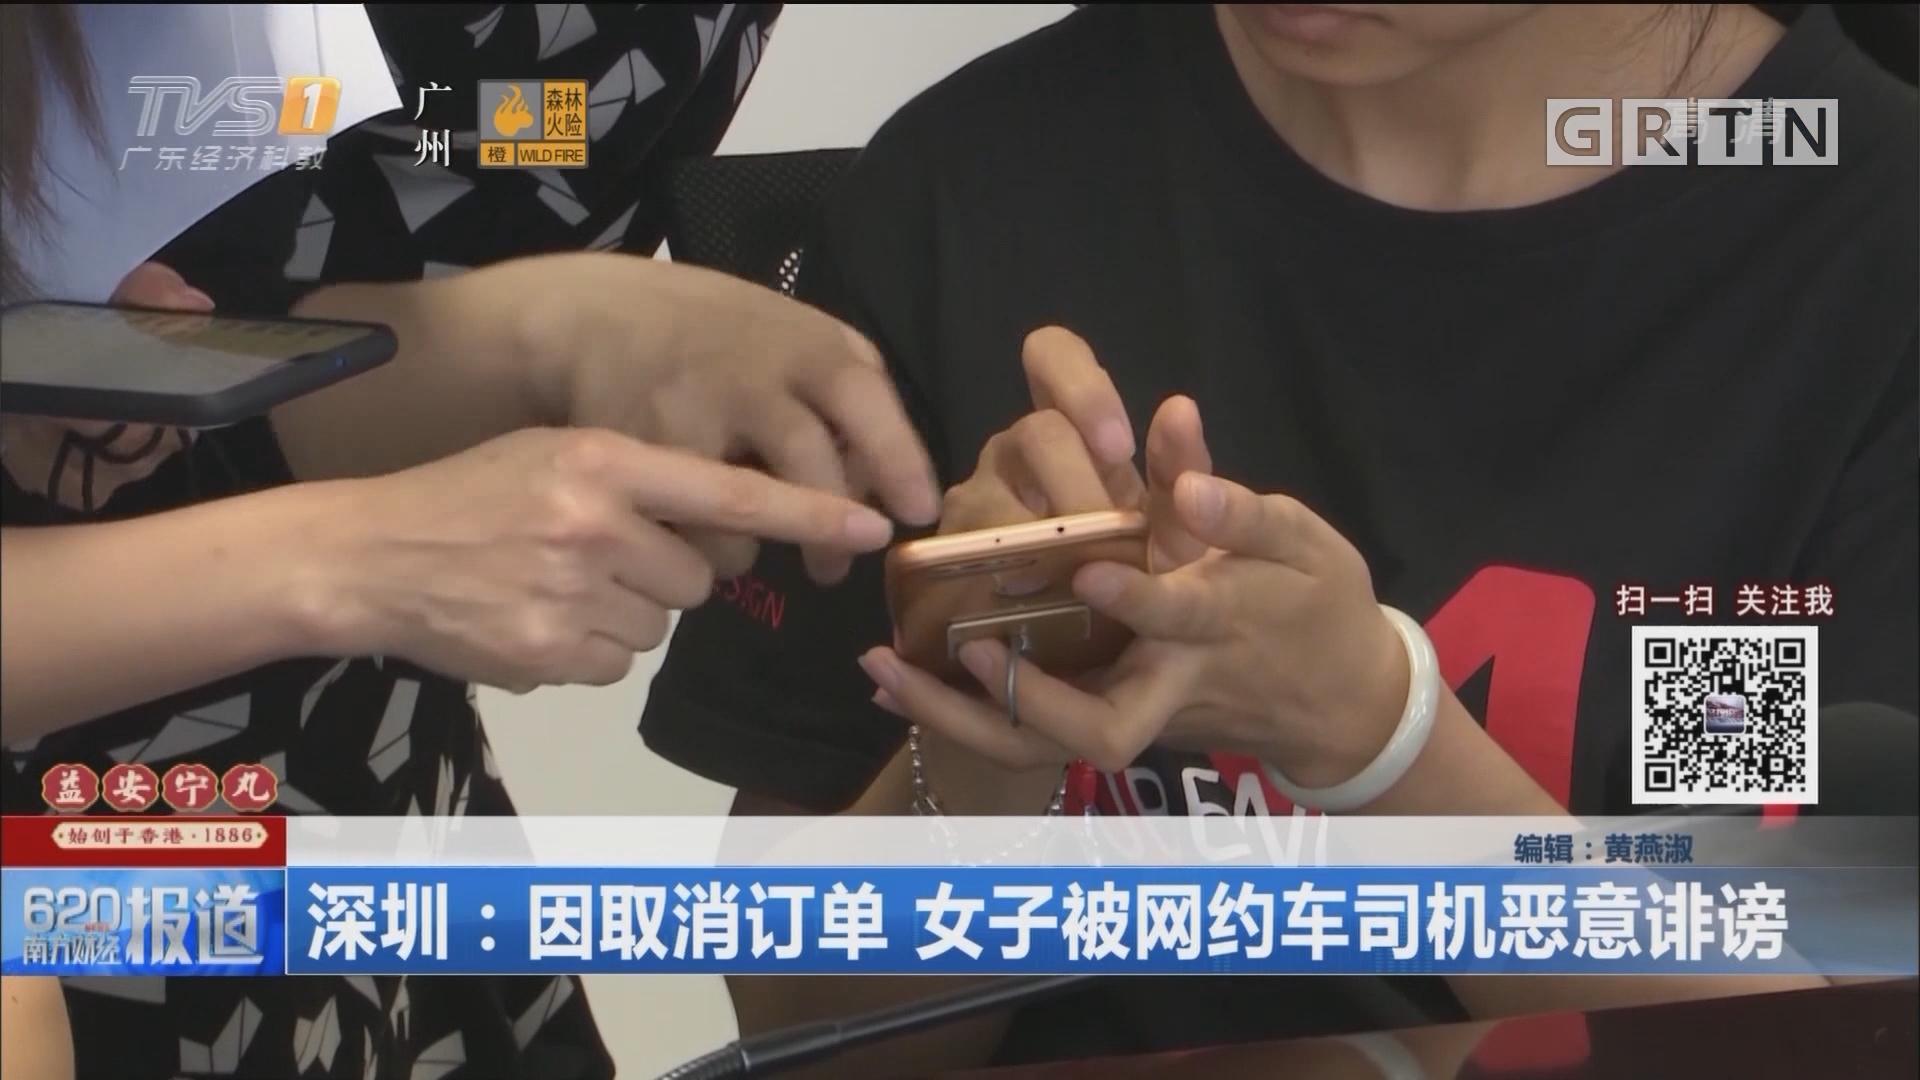 深圳:因取消订单 女子被网约车司机恶意诽谤